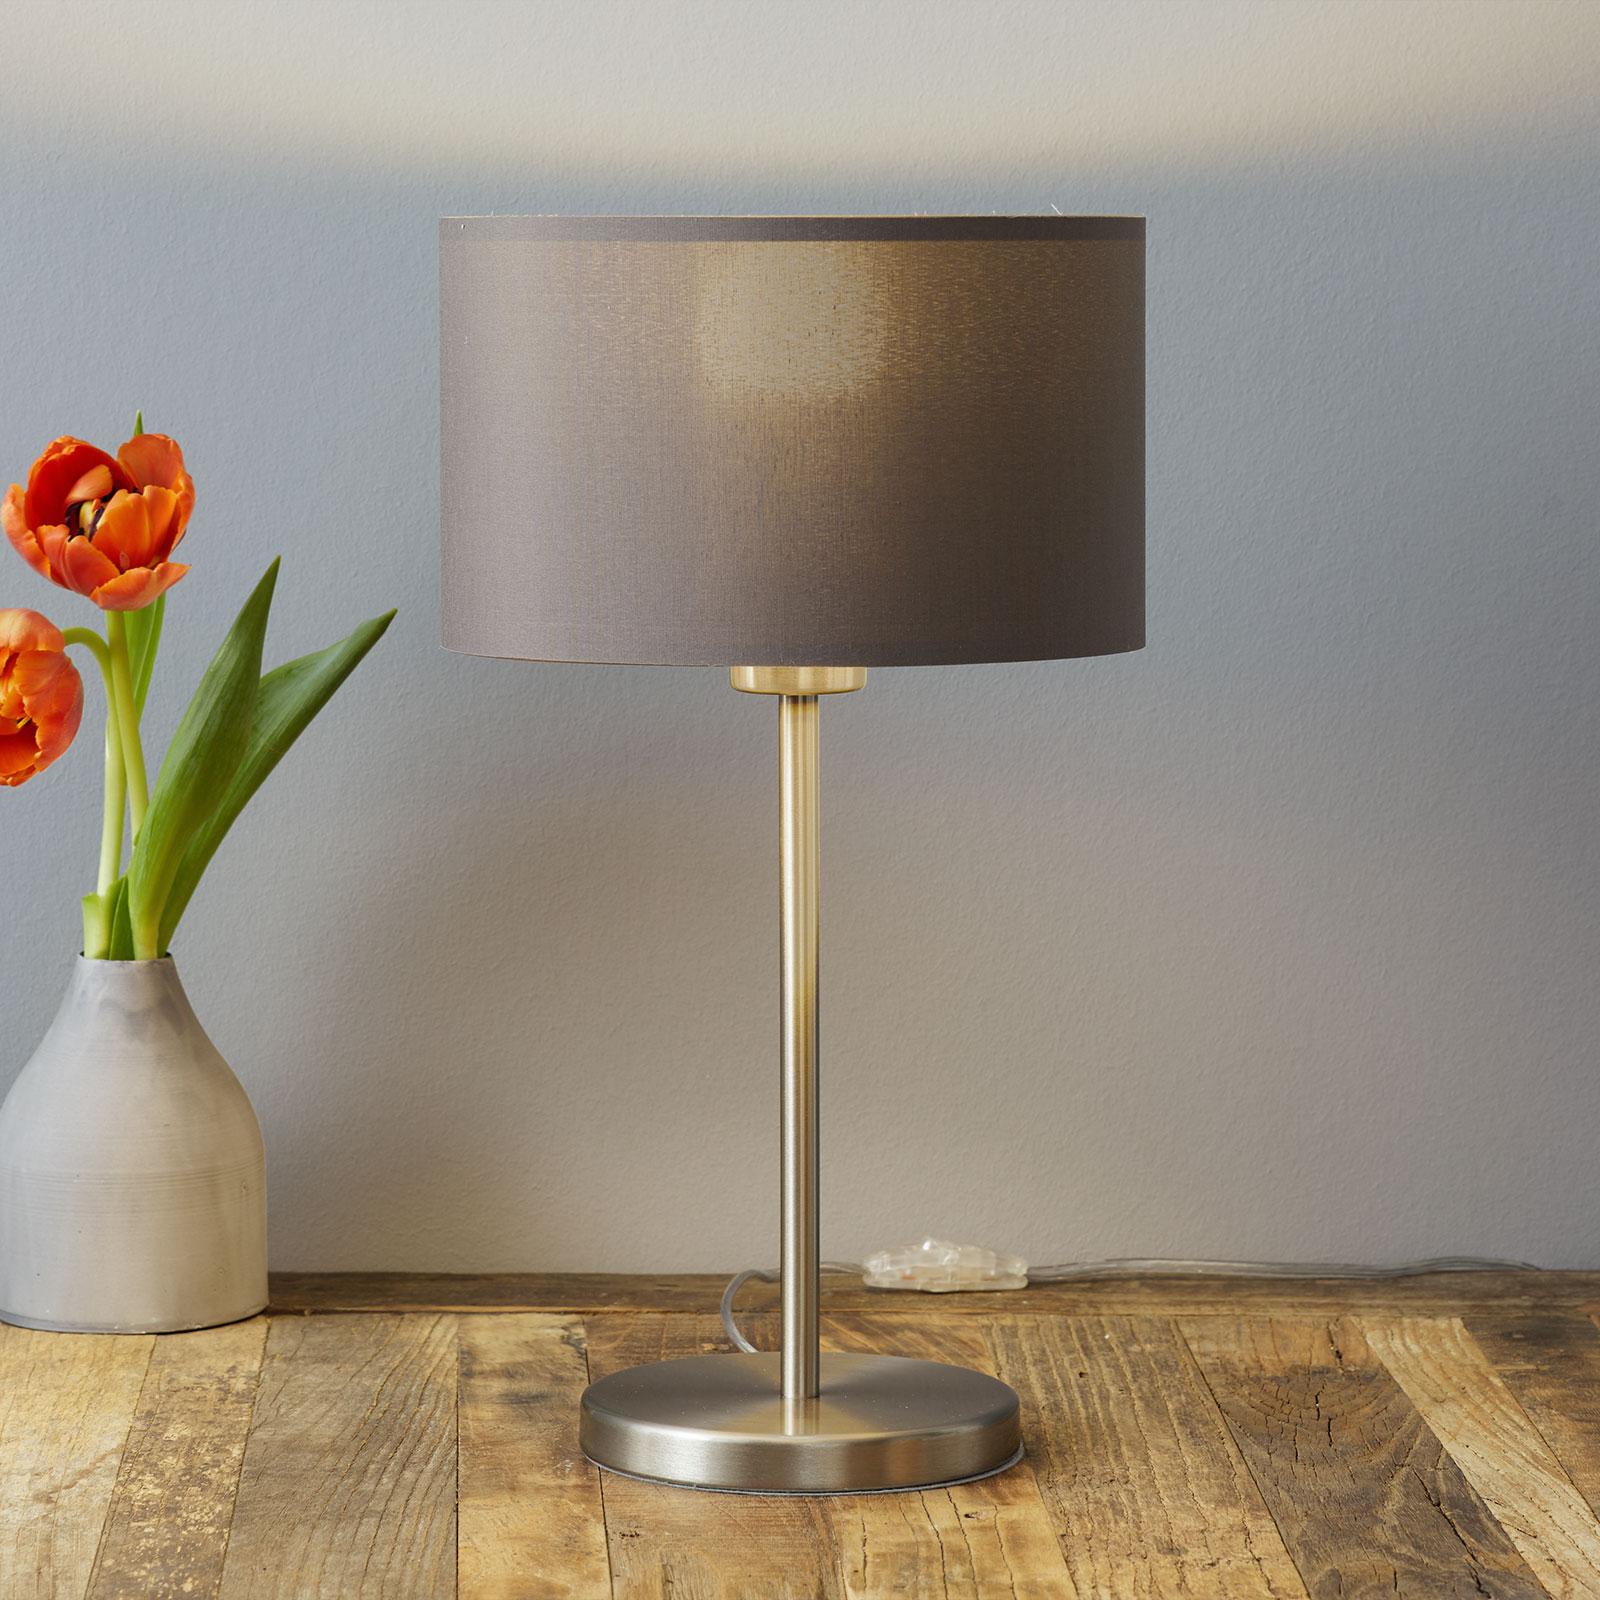 Látková stolová lampa Maserlo, cappuccino_3031706_1